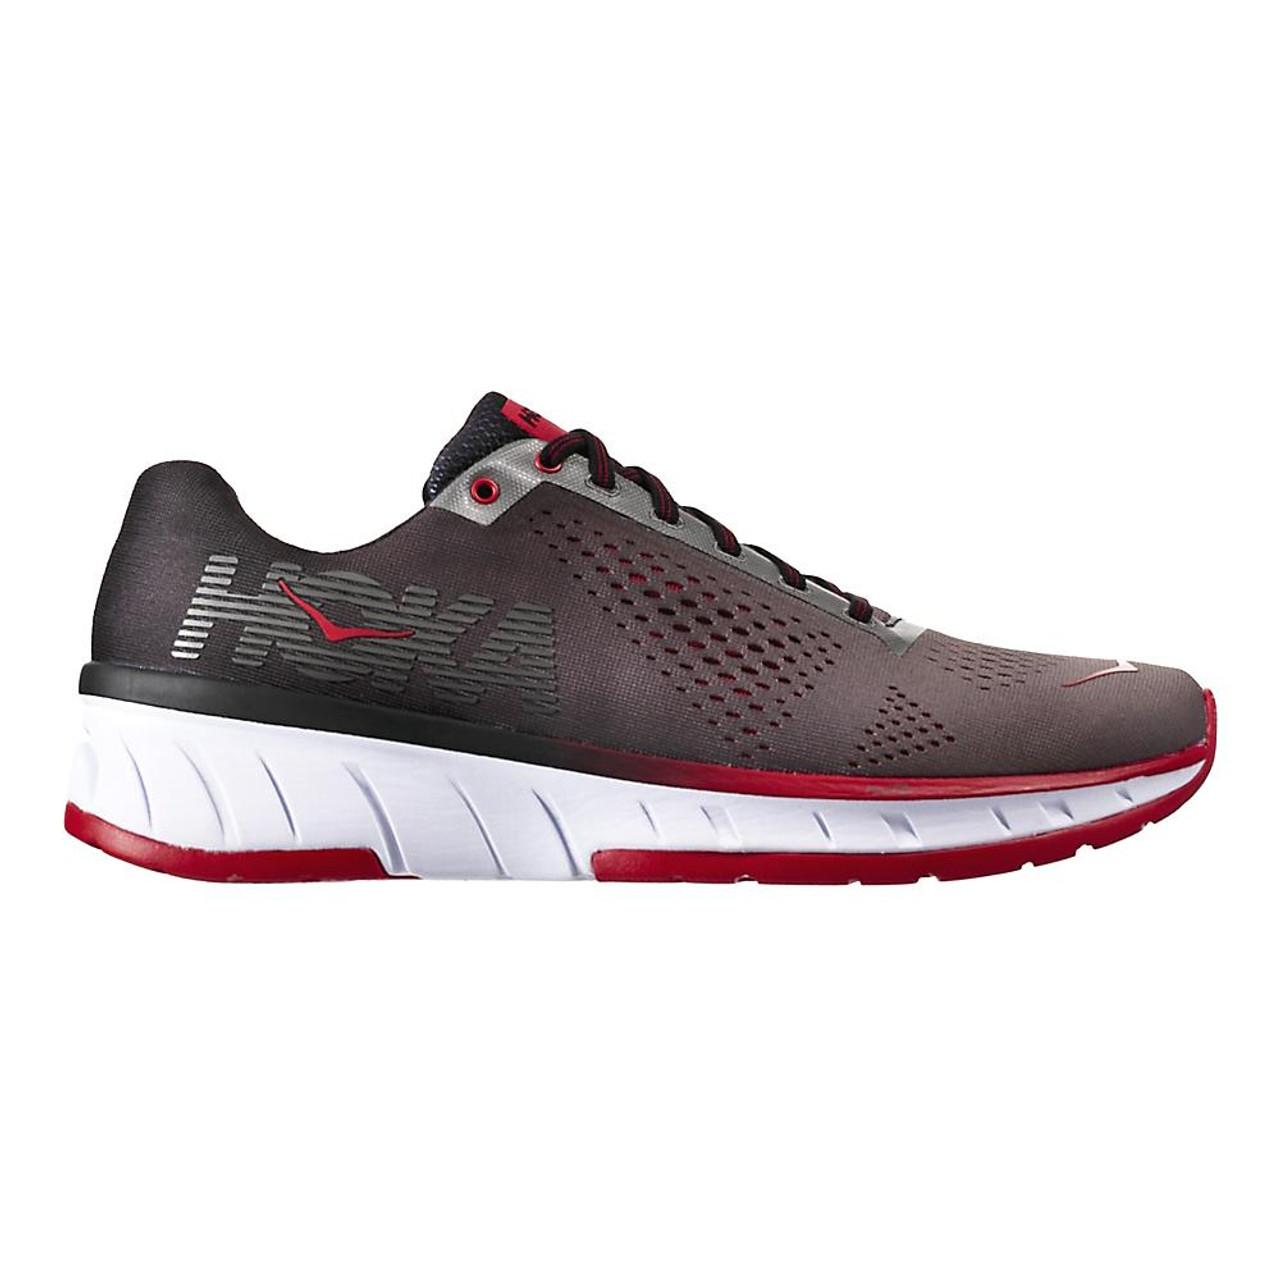 Men's Hoka One One Cavu Running Shoes